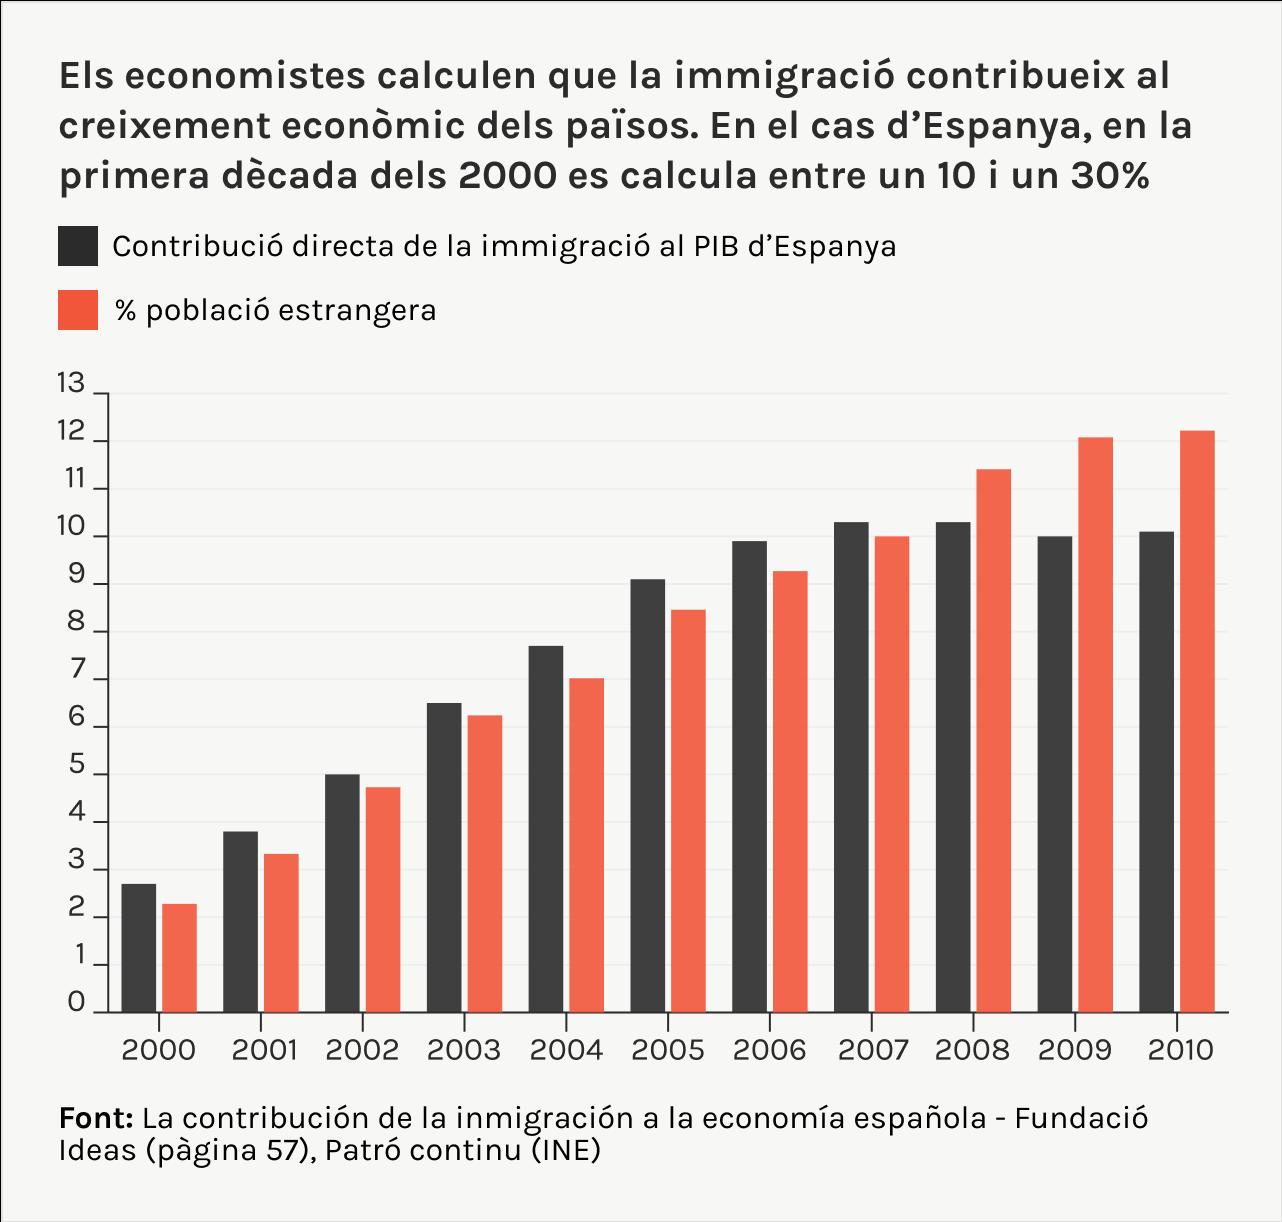 Contribucio economica de l'immigració al PIB d'Espanya